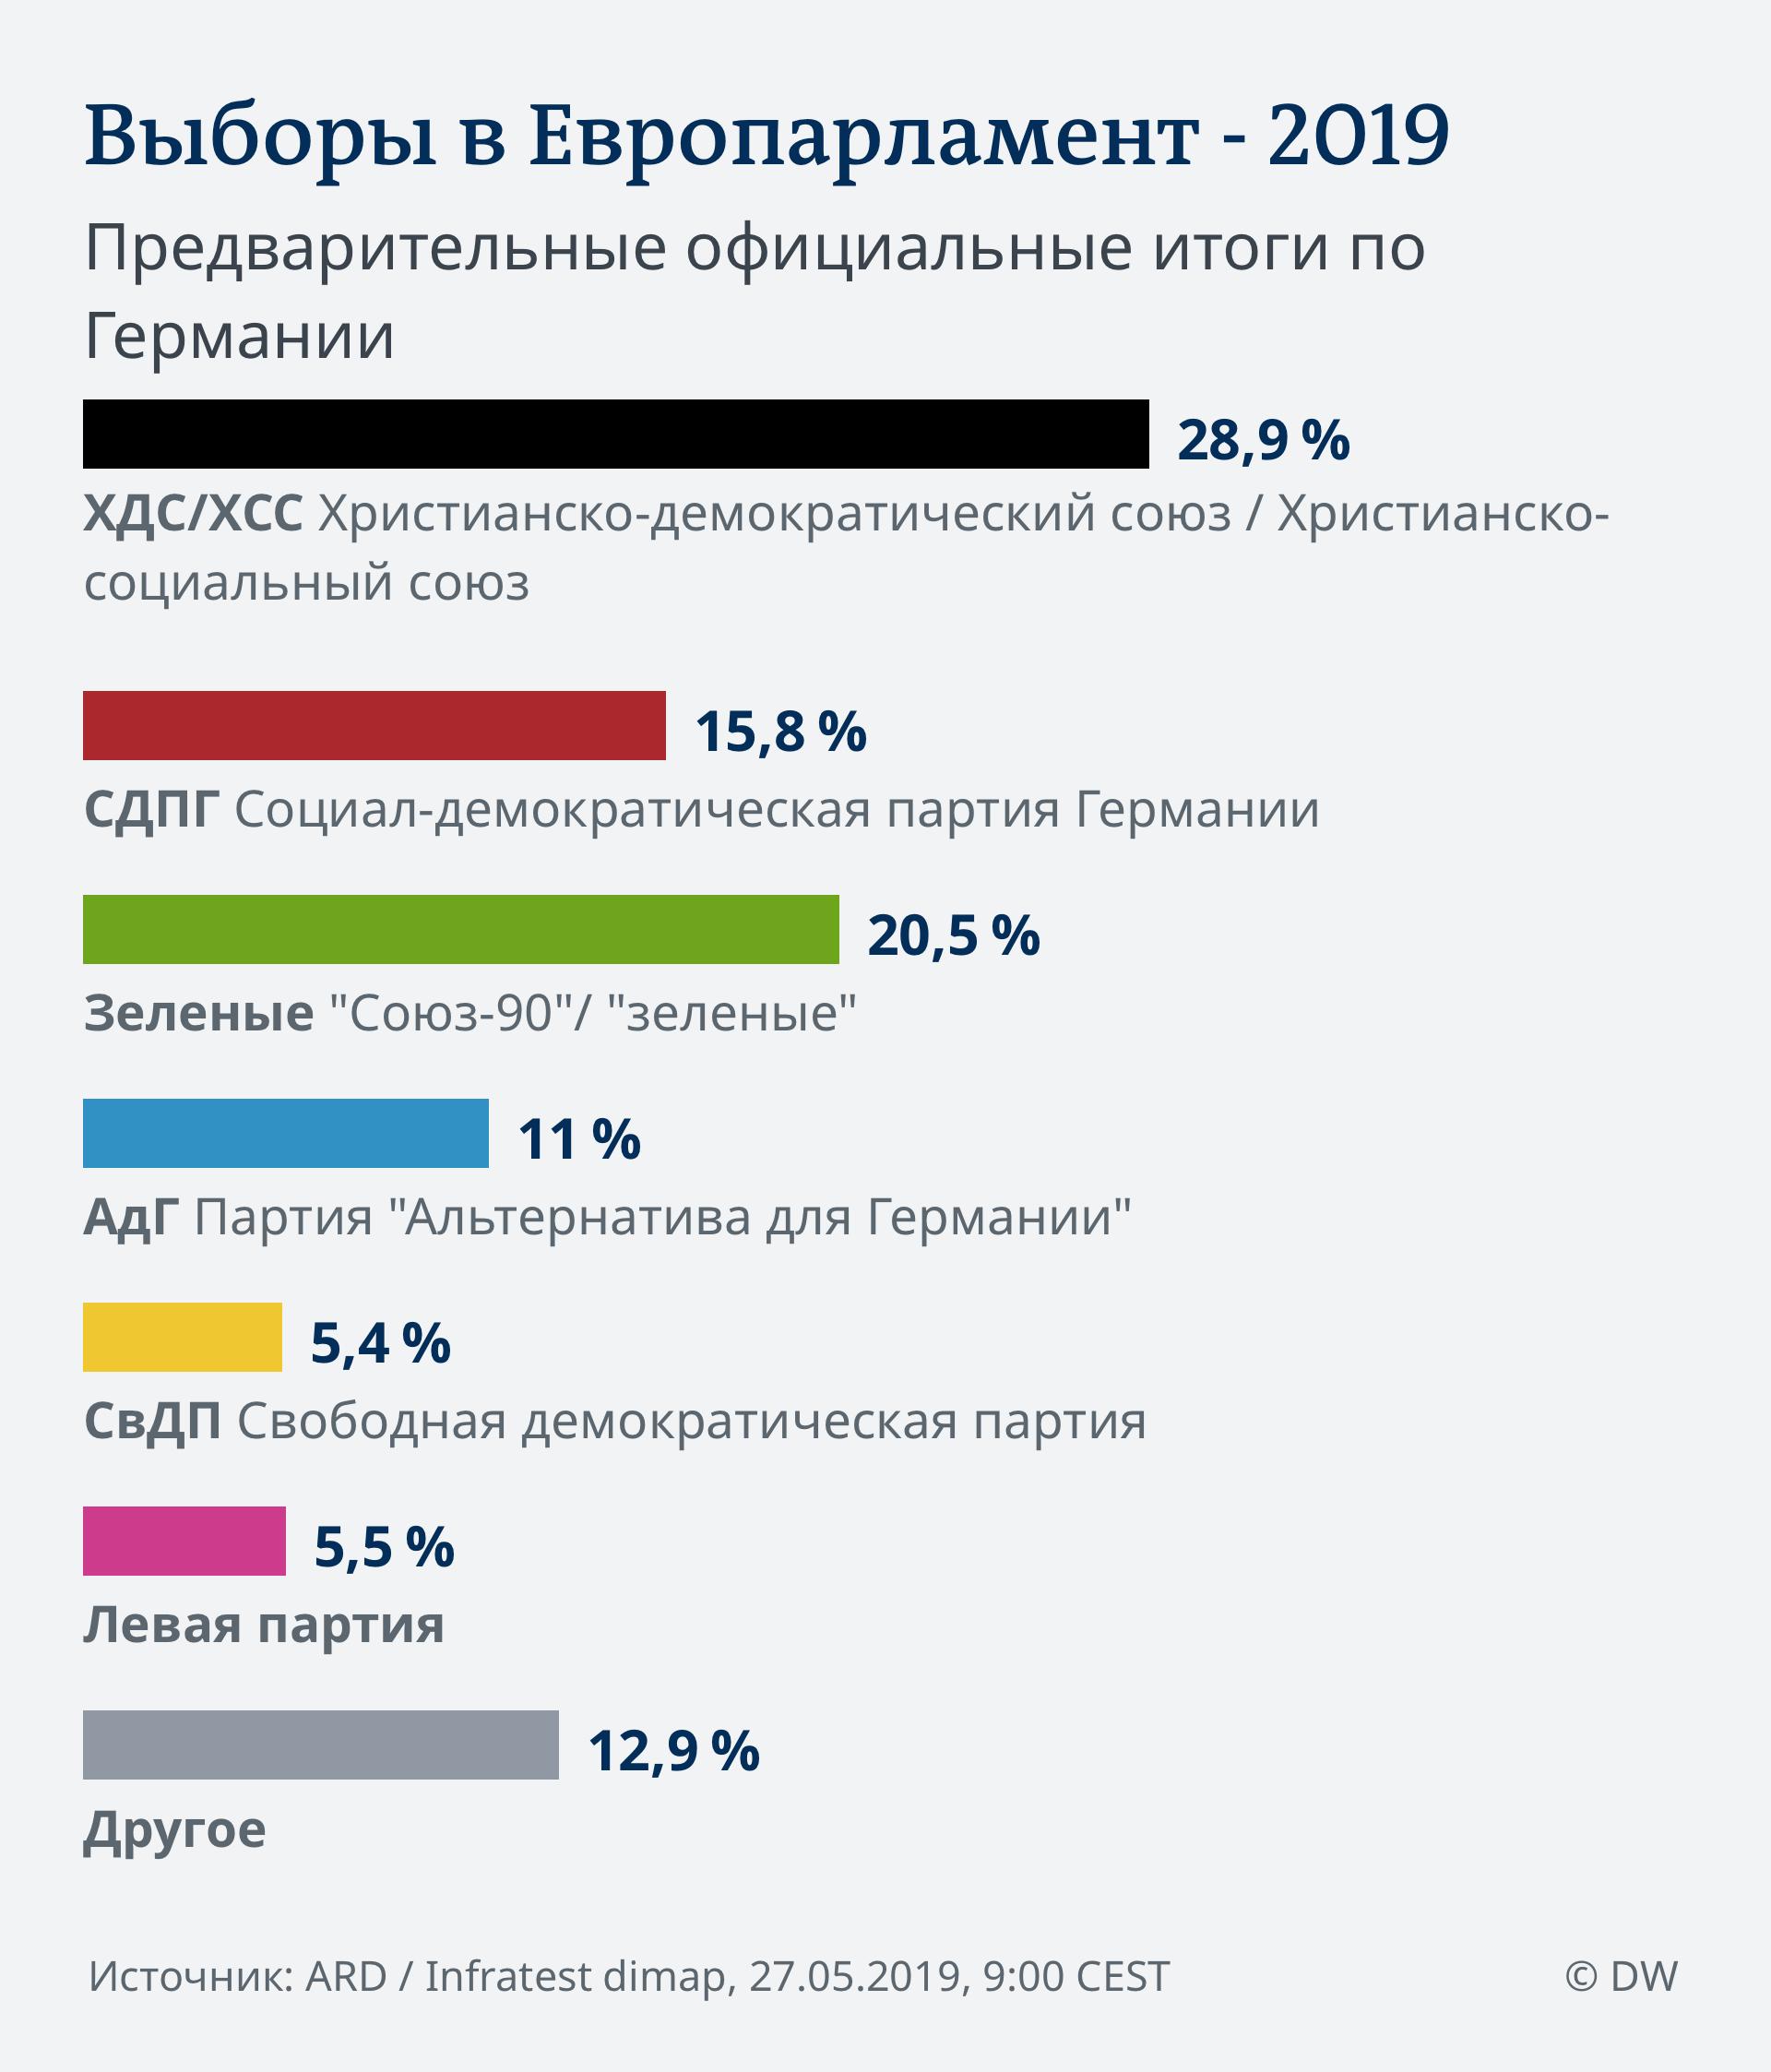 Infografik Vorl. amtl. Endergebnis 9:00 EU Wahl 2019 - Deutschland RUS